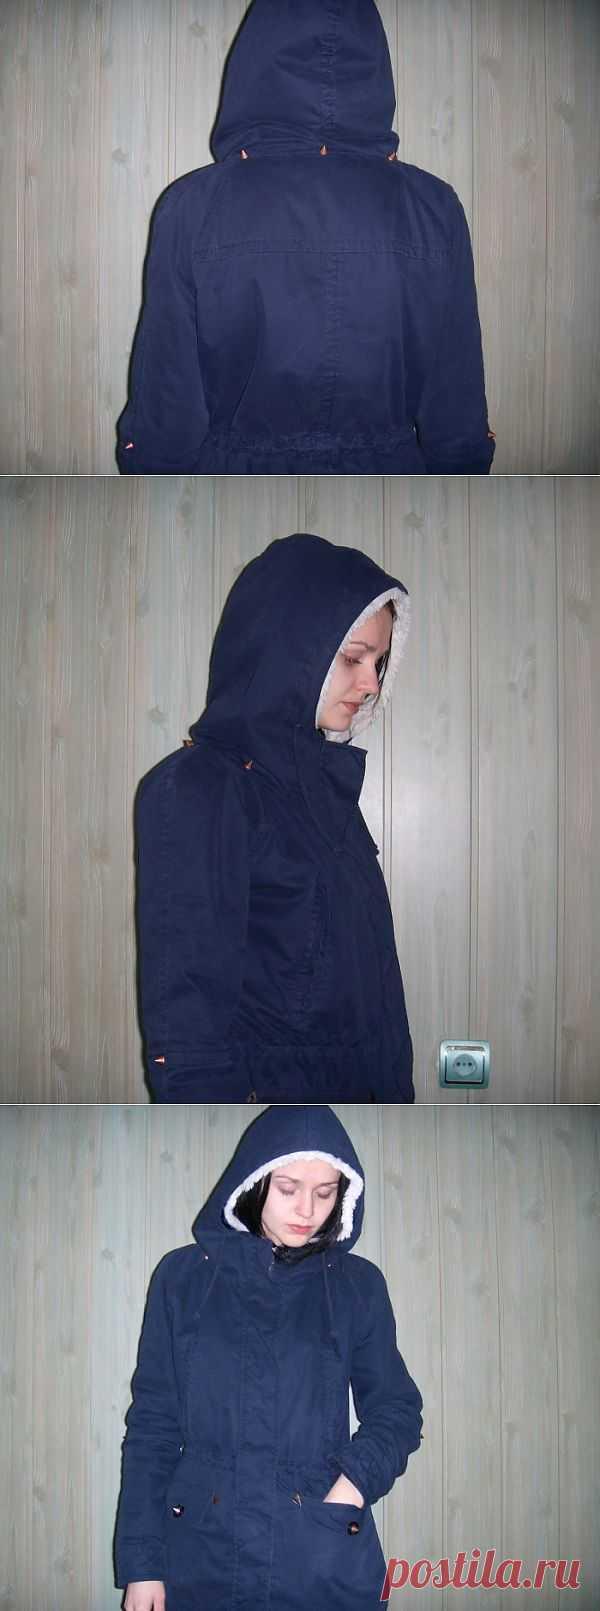 +/- шипы / Помощь зала / Модный сайт о стильной переделке одежды и интерьера